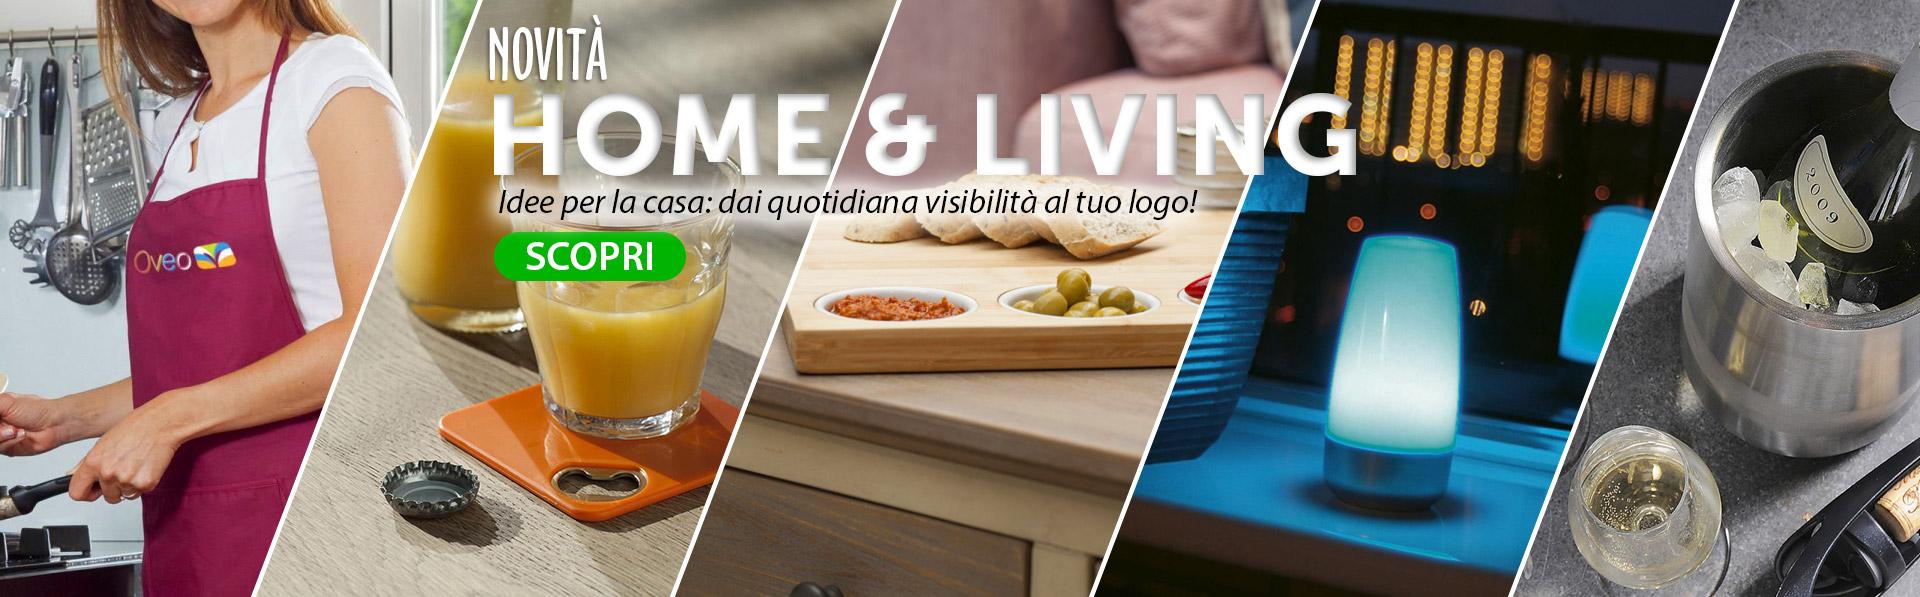 home_e_living